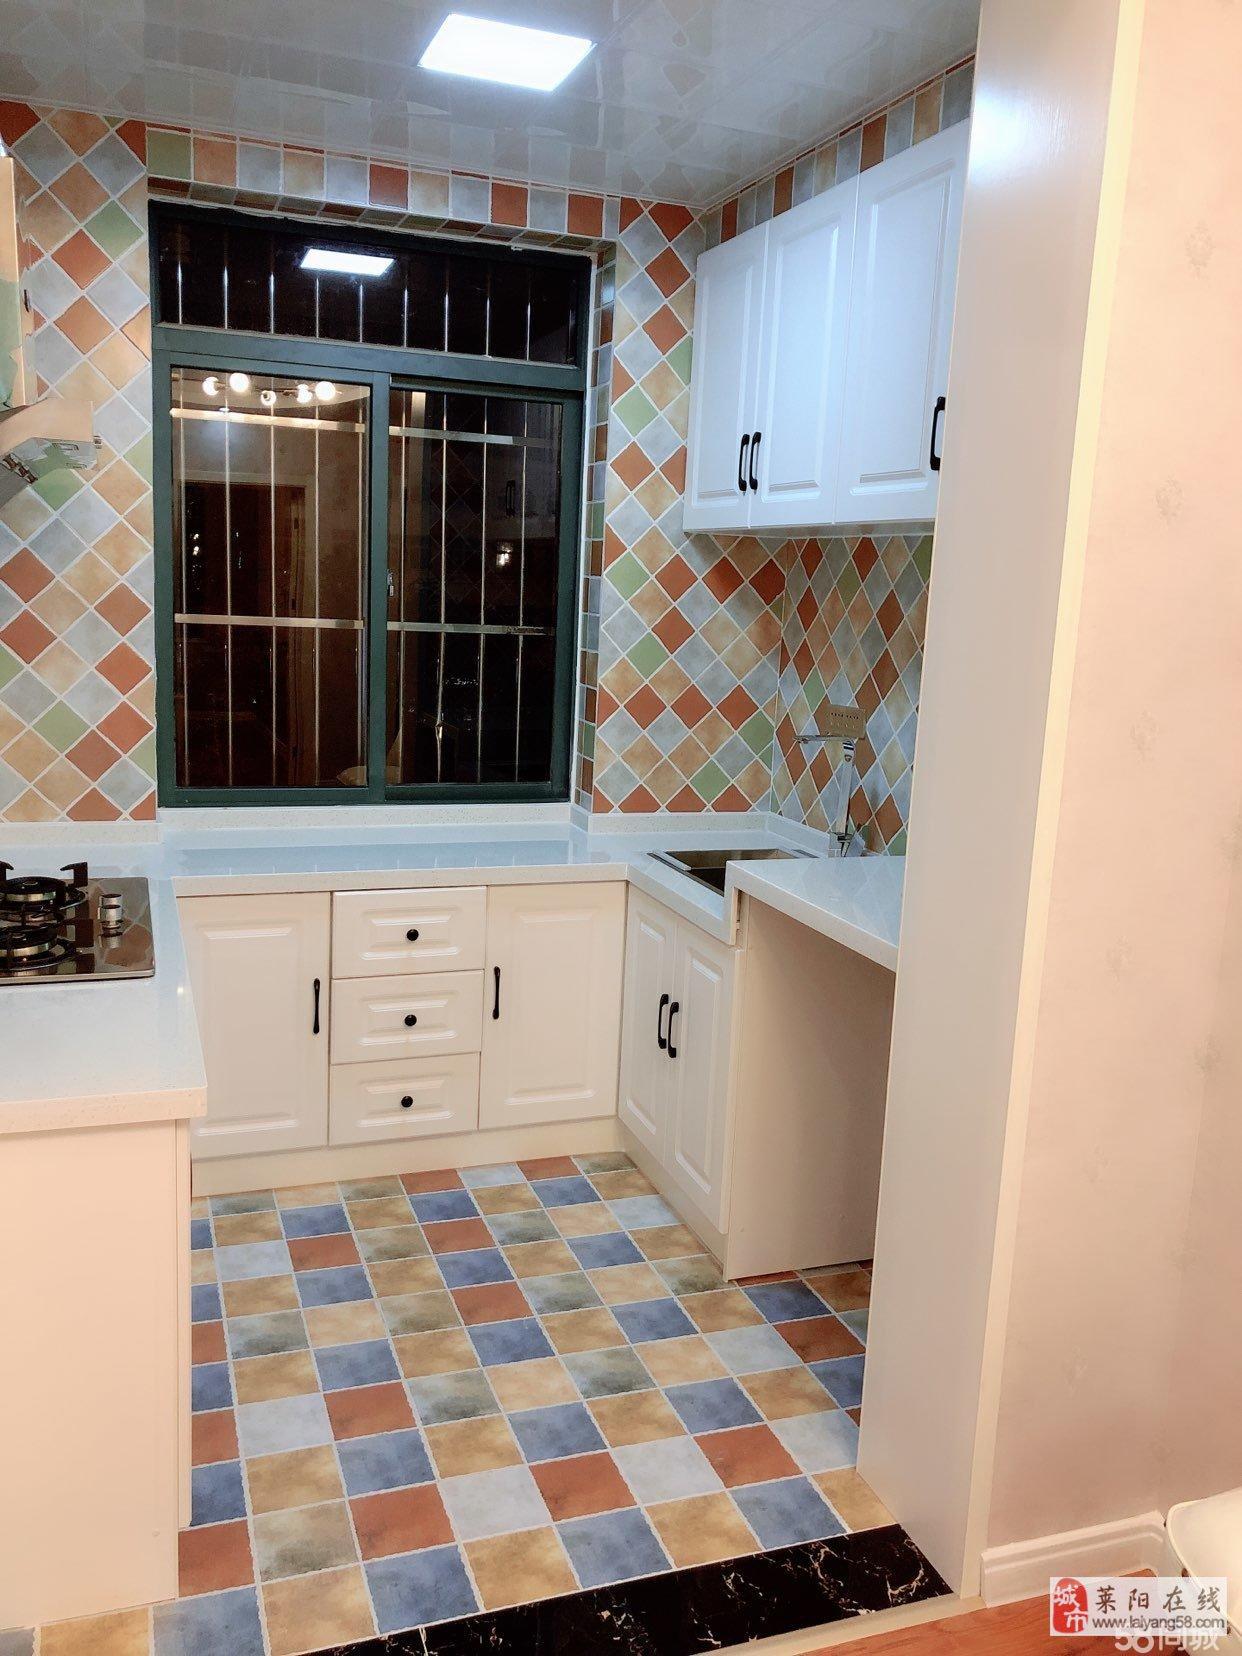 温馨家园对面,精装修,领包入住,带地上小房7平方,小区安静